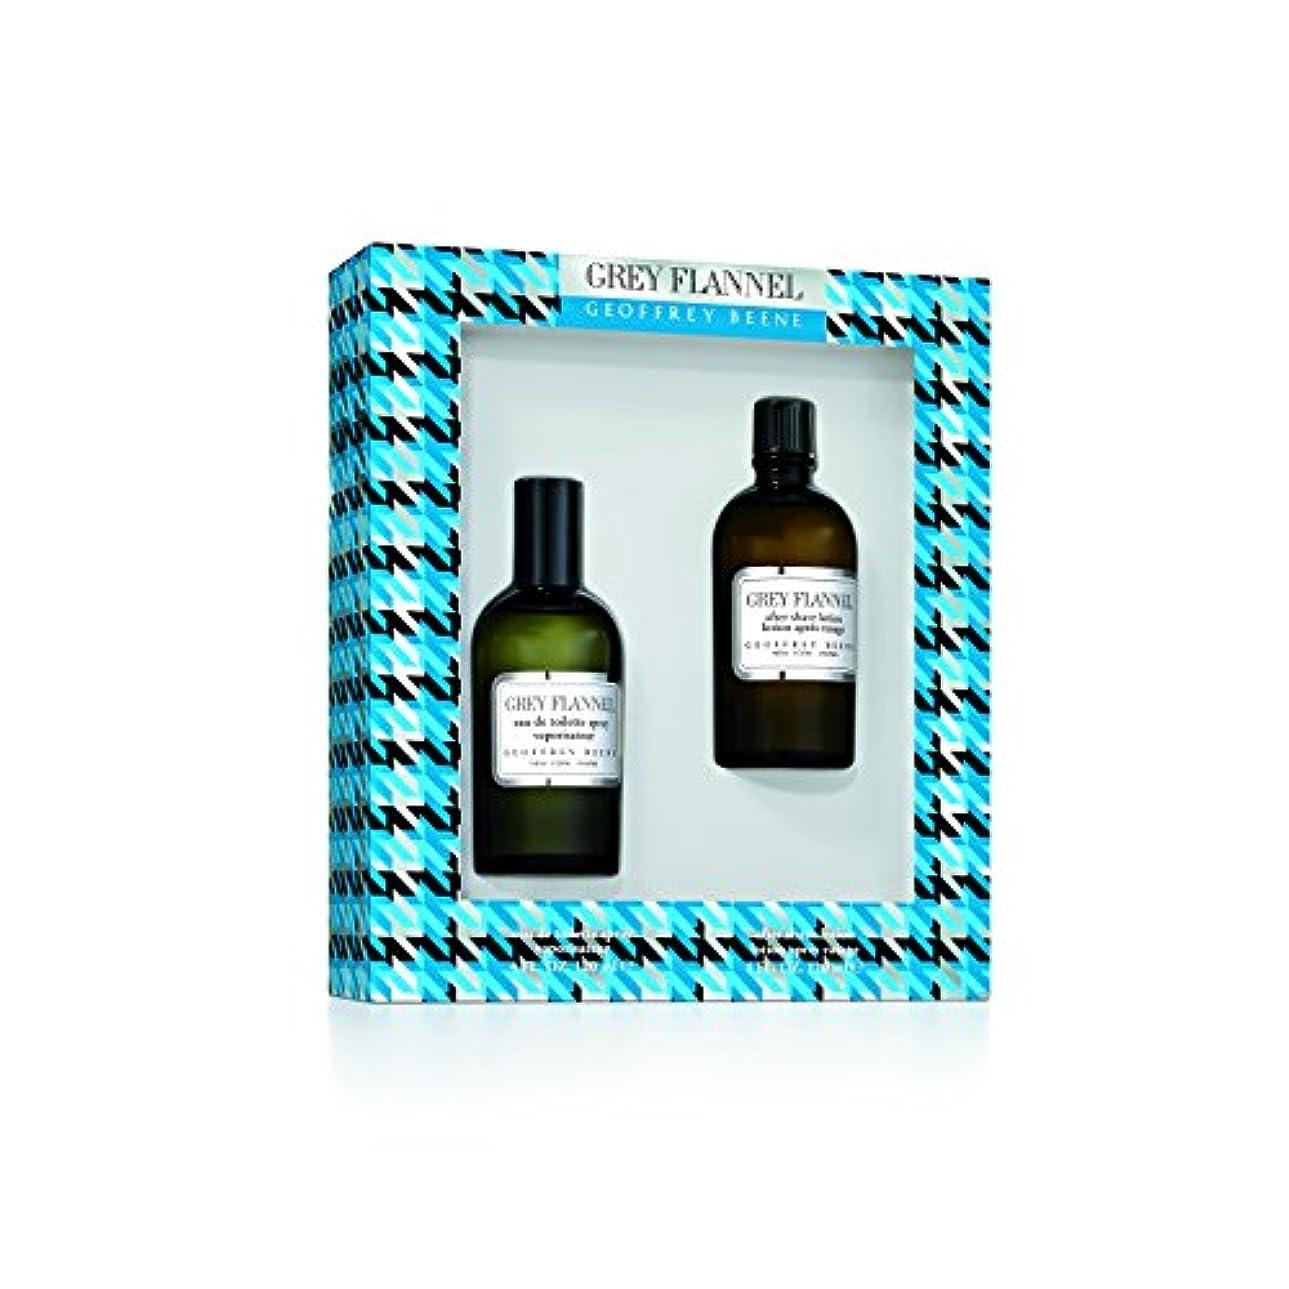 暴露指標テレックスジェフリー ビーン Grey Flannel Coffret: Eau De Toilette Spray 120ml/4oz + After Shave Lotion 120ml/4oz 2pcs並行輸入品